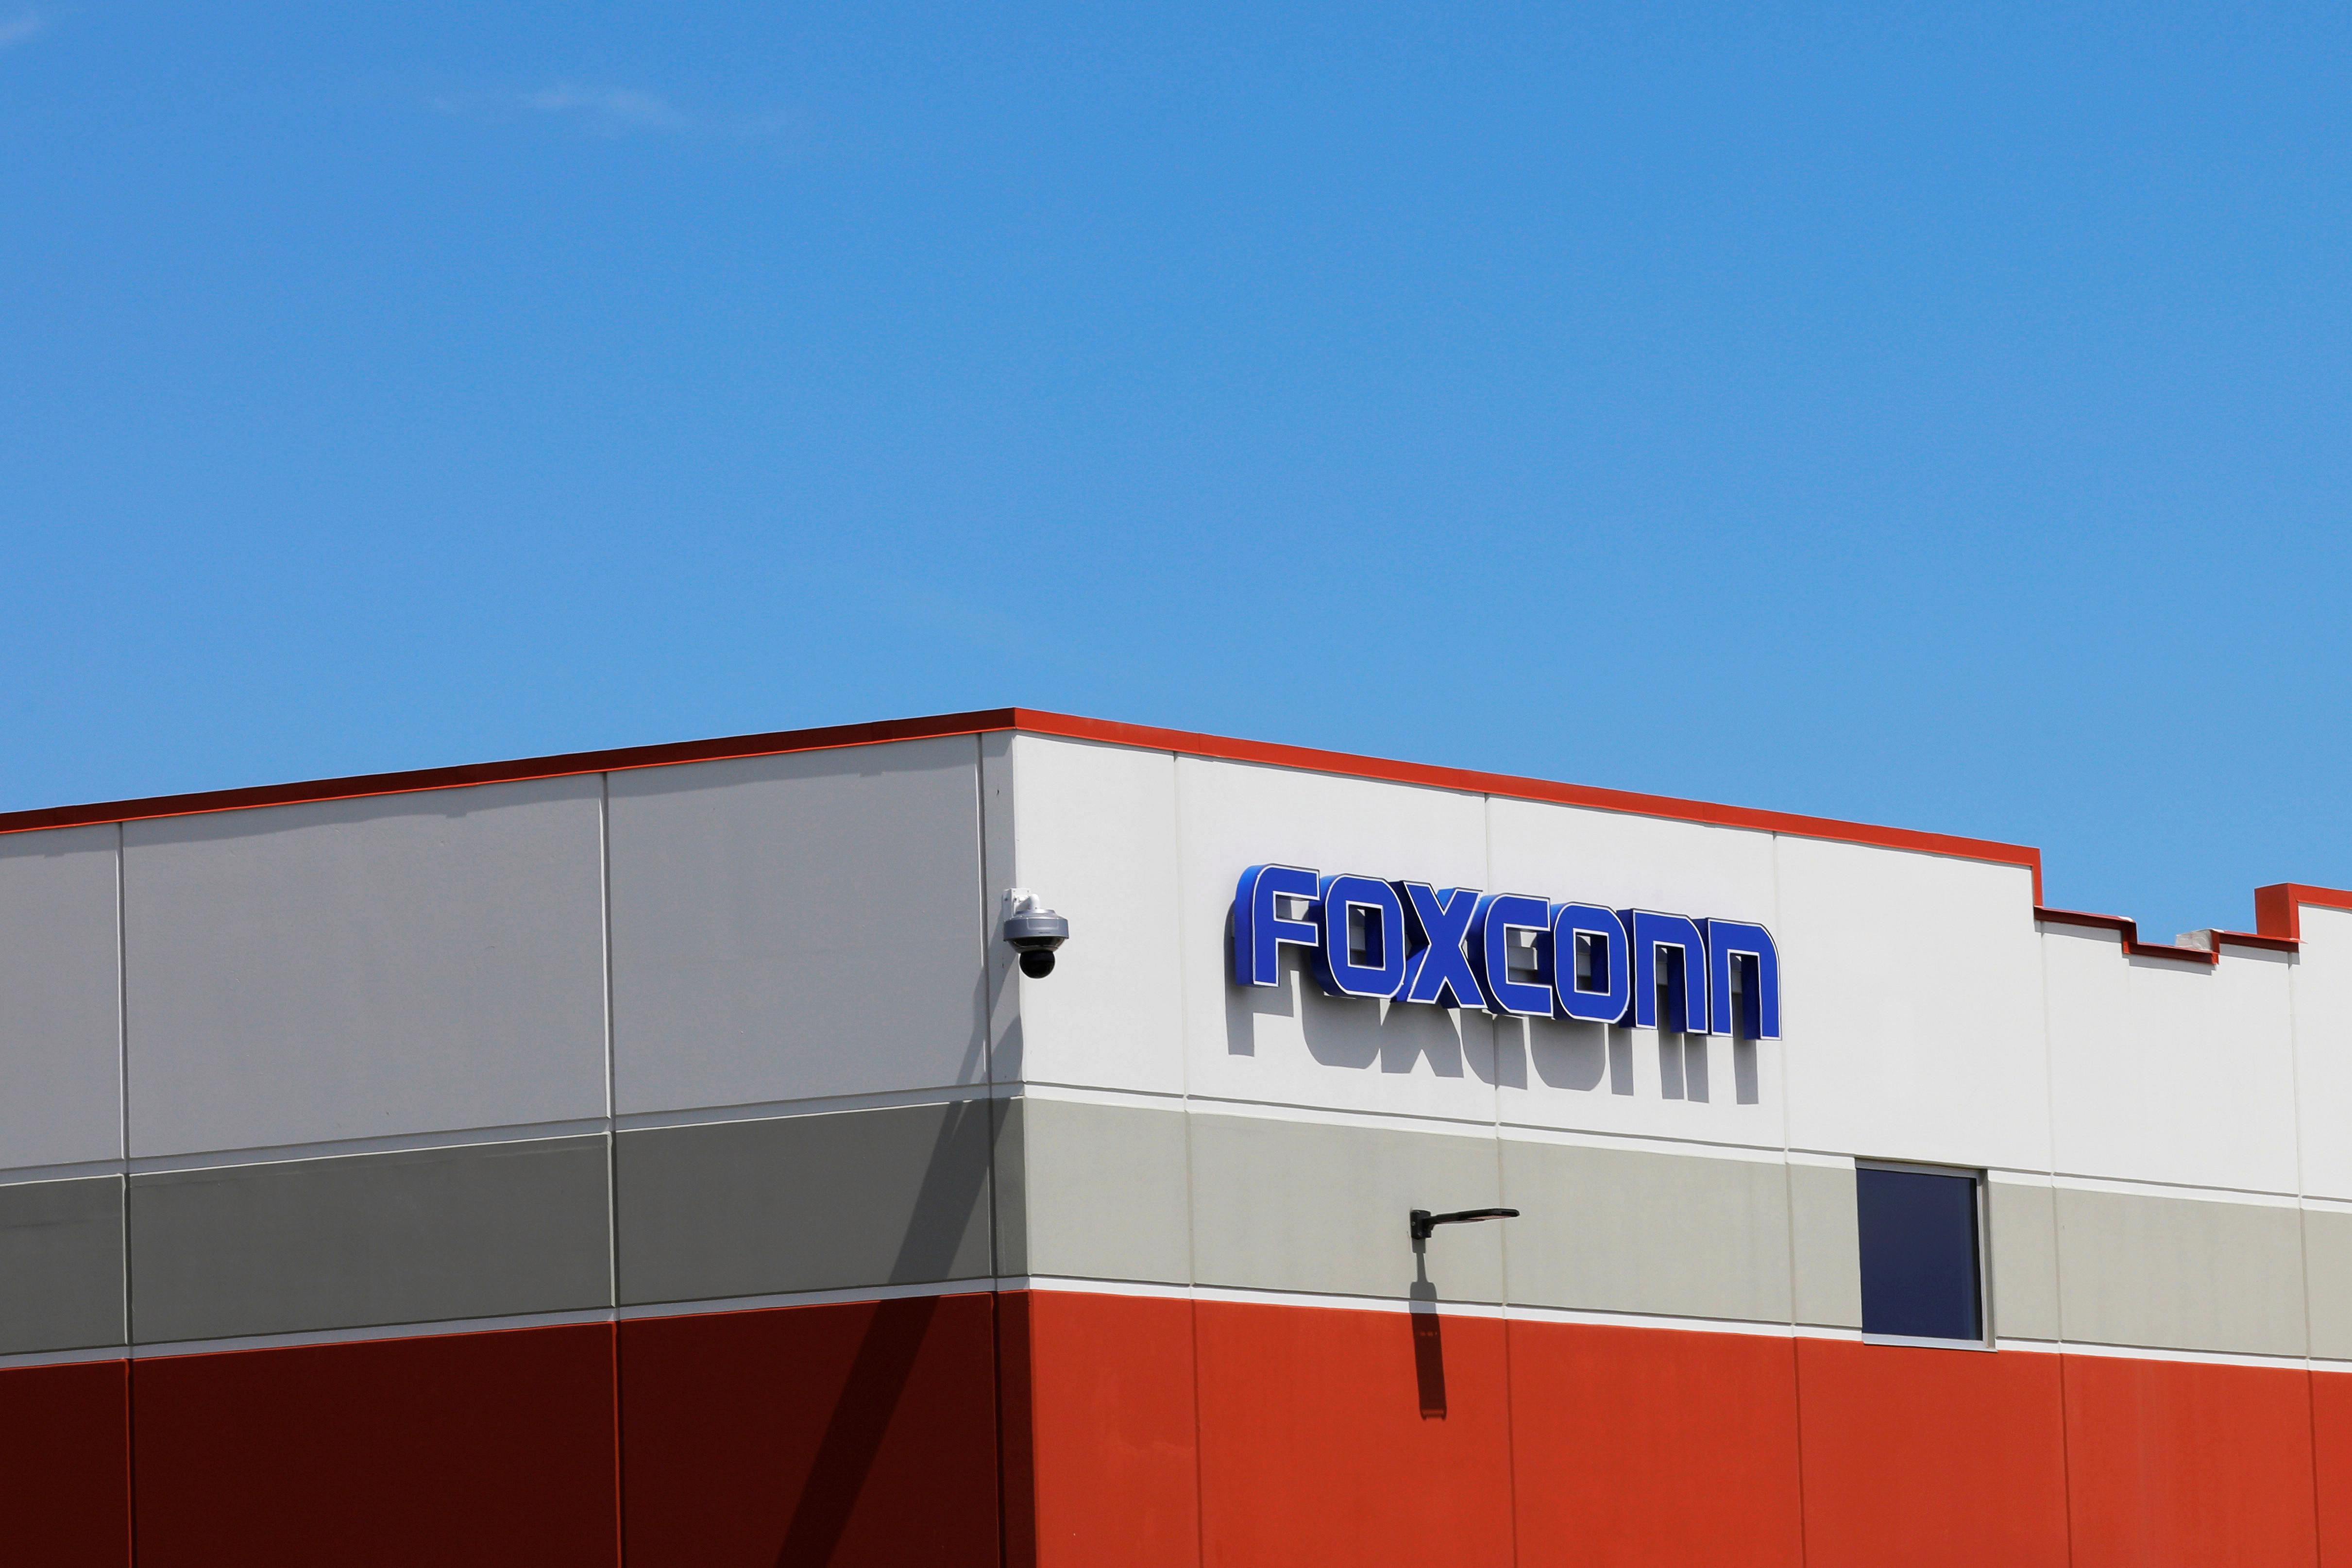 Spoločnosť Foxconn uviedla, že zabezpečí dočasné porušenie pracovných zákonov Amazon uviedol, že začal vyšetrovanie